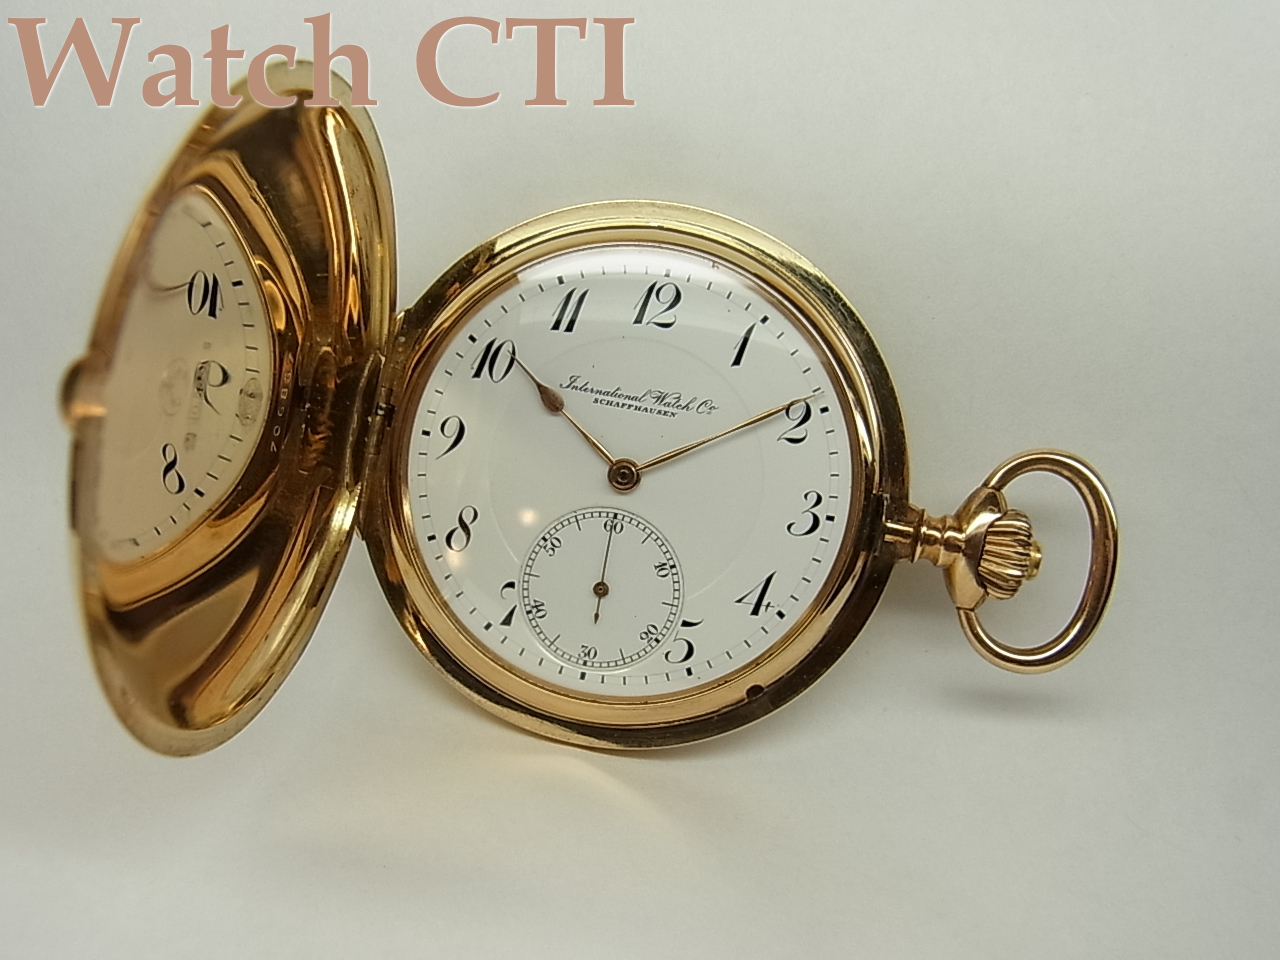 S1349] IWC C.53 懐中時計 : 時計文字 : すべての講義